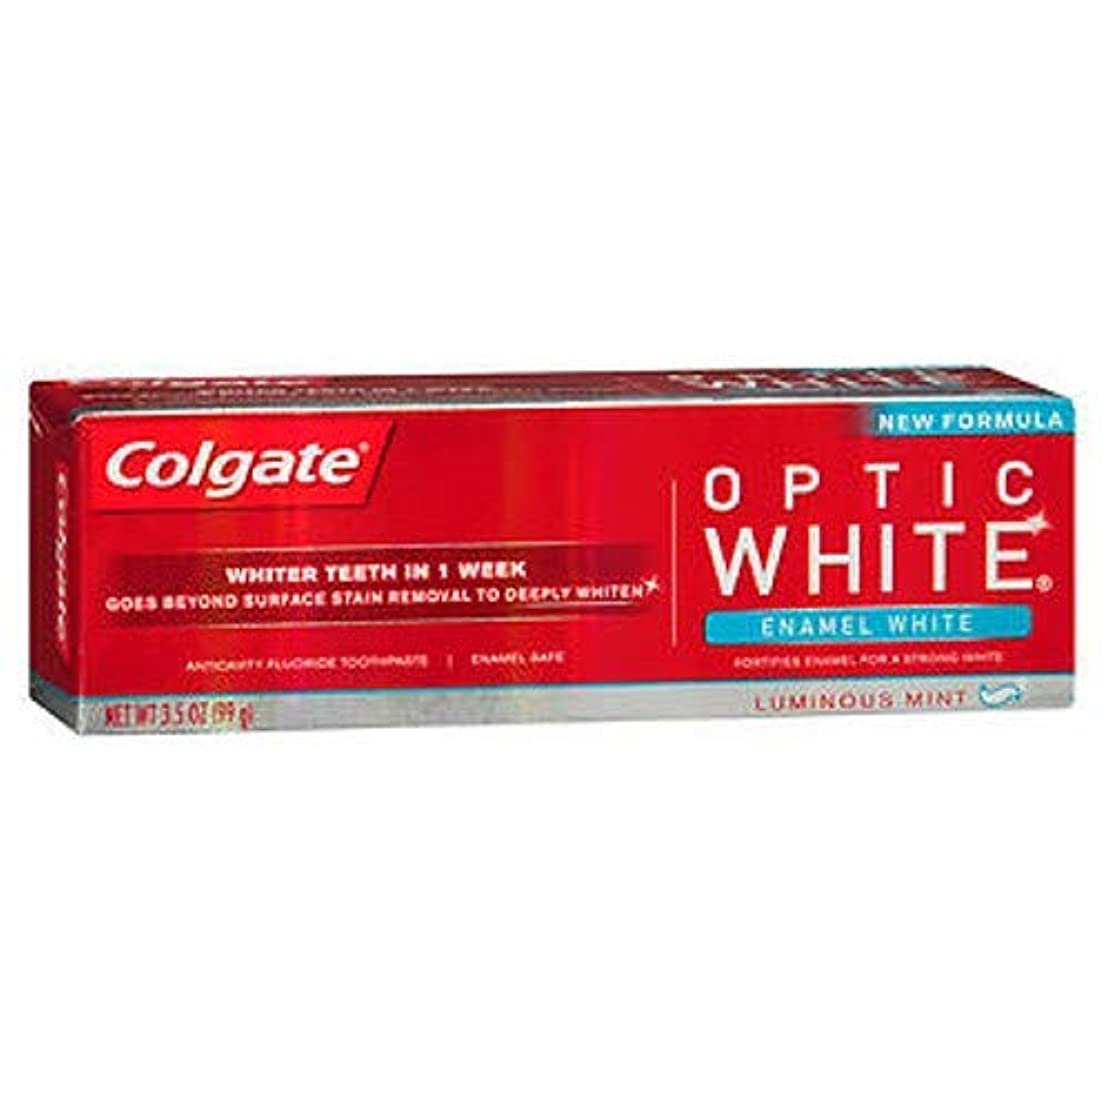 フラッシュのように素早く無能悪名高いColgate オプティックホワイト虫歯予防フッ素の歯磨き粉、エナメルホワイト、ルミナスミント3.5オンス(3パック) 3パック